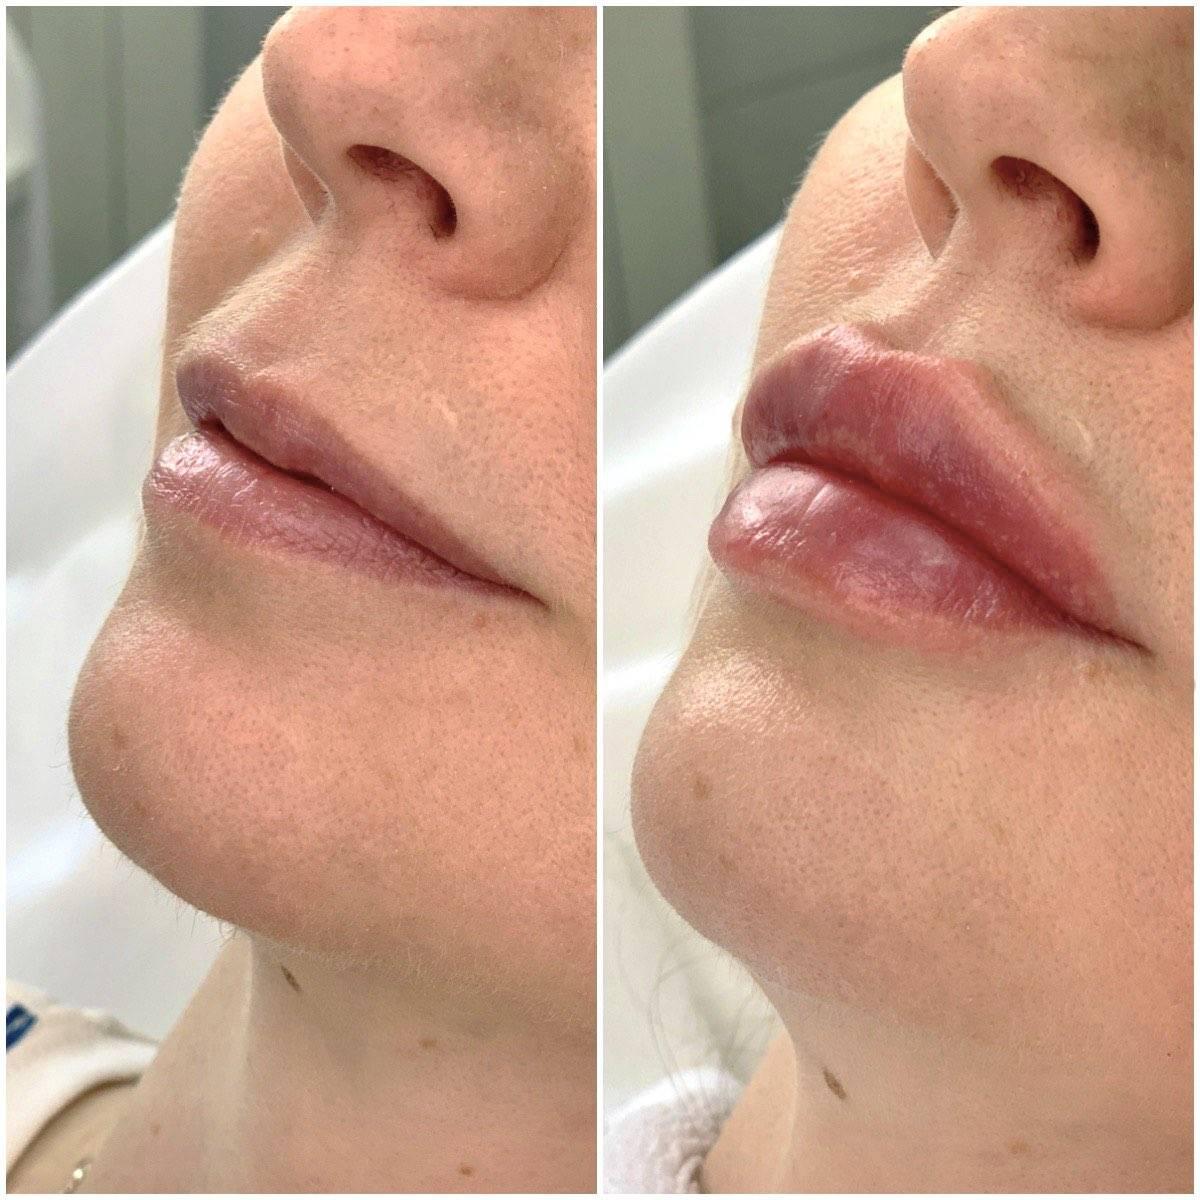 Инъекции красоты: особенности применения филлеров в лоб и описание основных препаратов